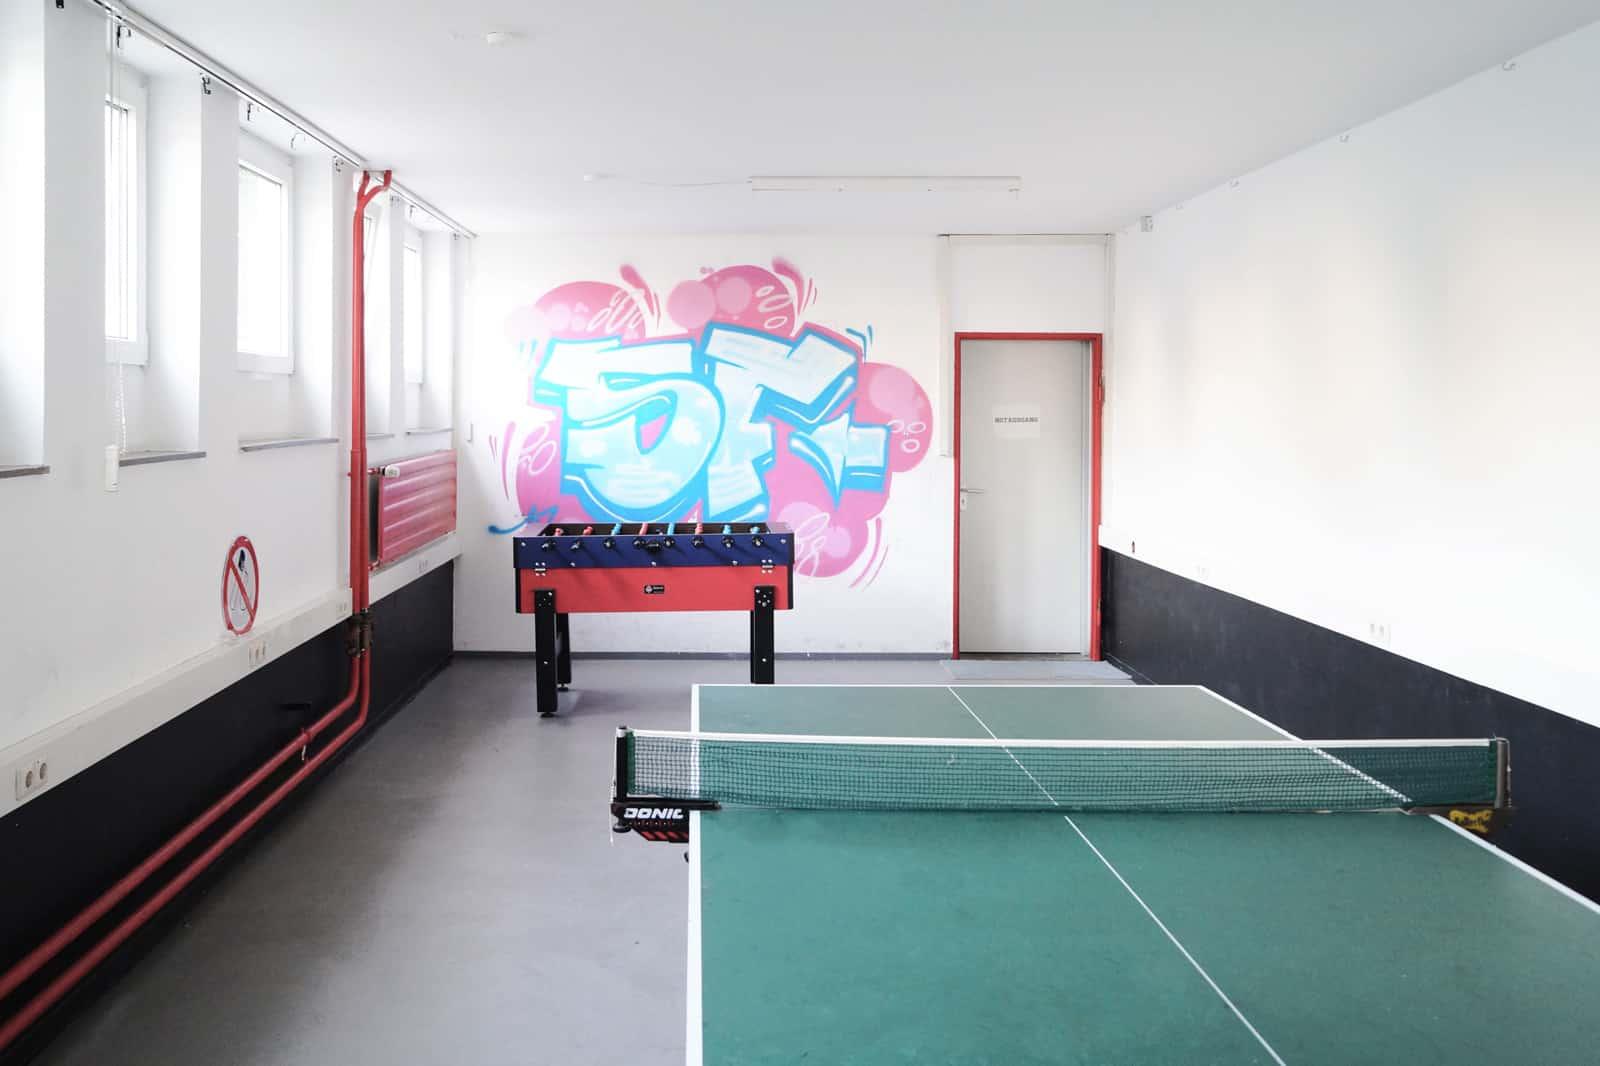 Studentenheim – Freizeitkeller und Partyraum mit Tischtennisplatte und Kickertisch